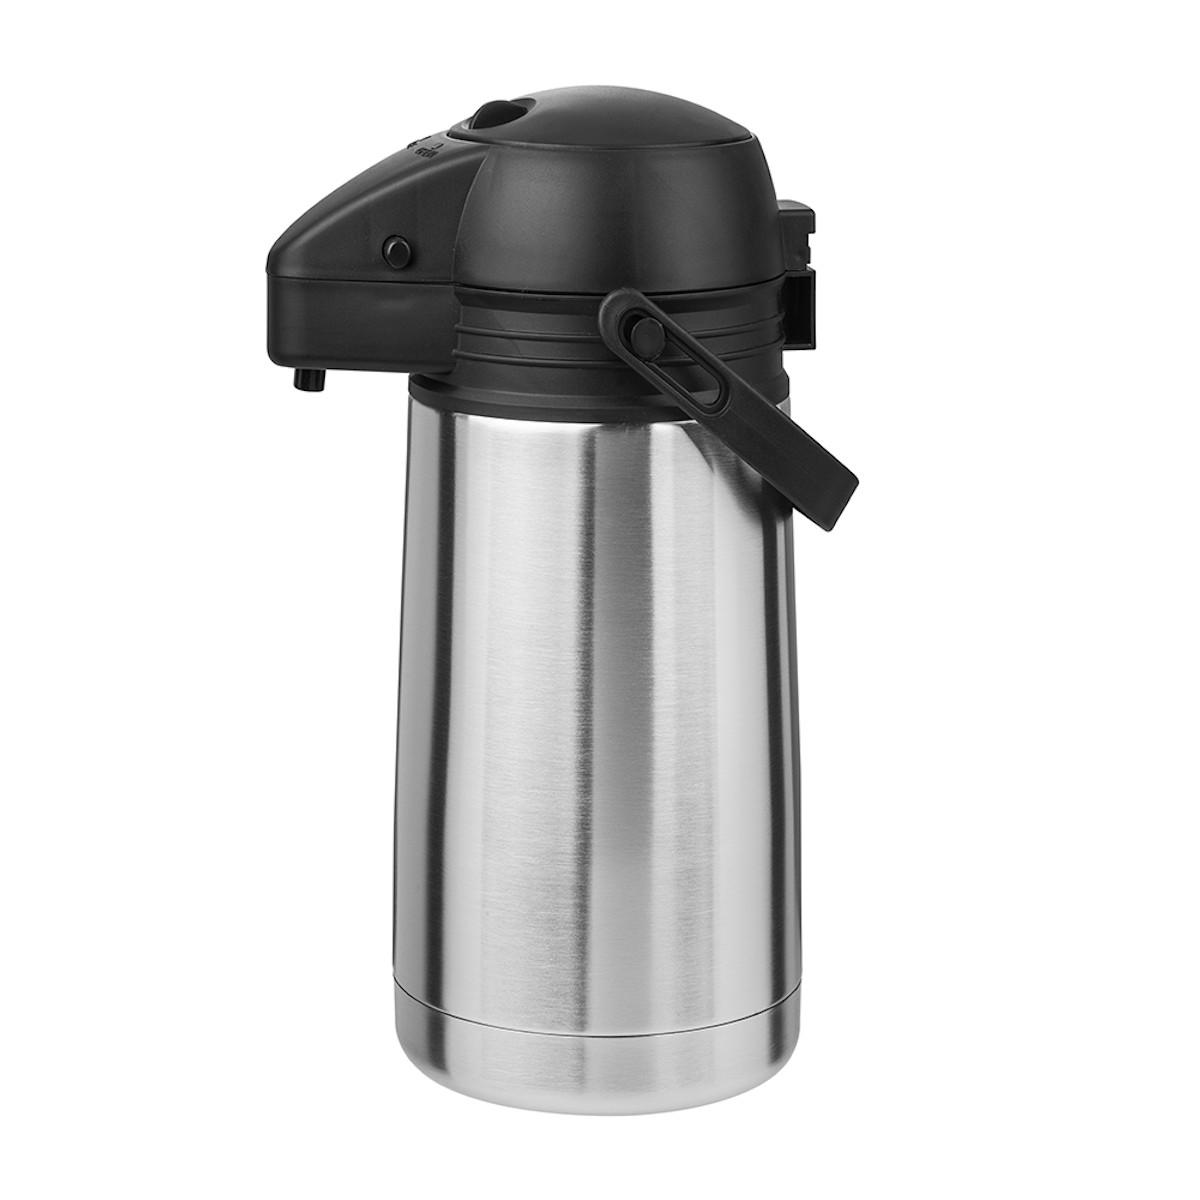 Garrafa Térmica de Pressão p/ Café Chá Leite Inox Airpot 1L TP6542 - Termopro